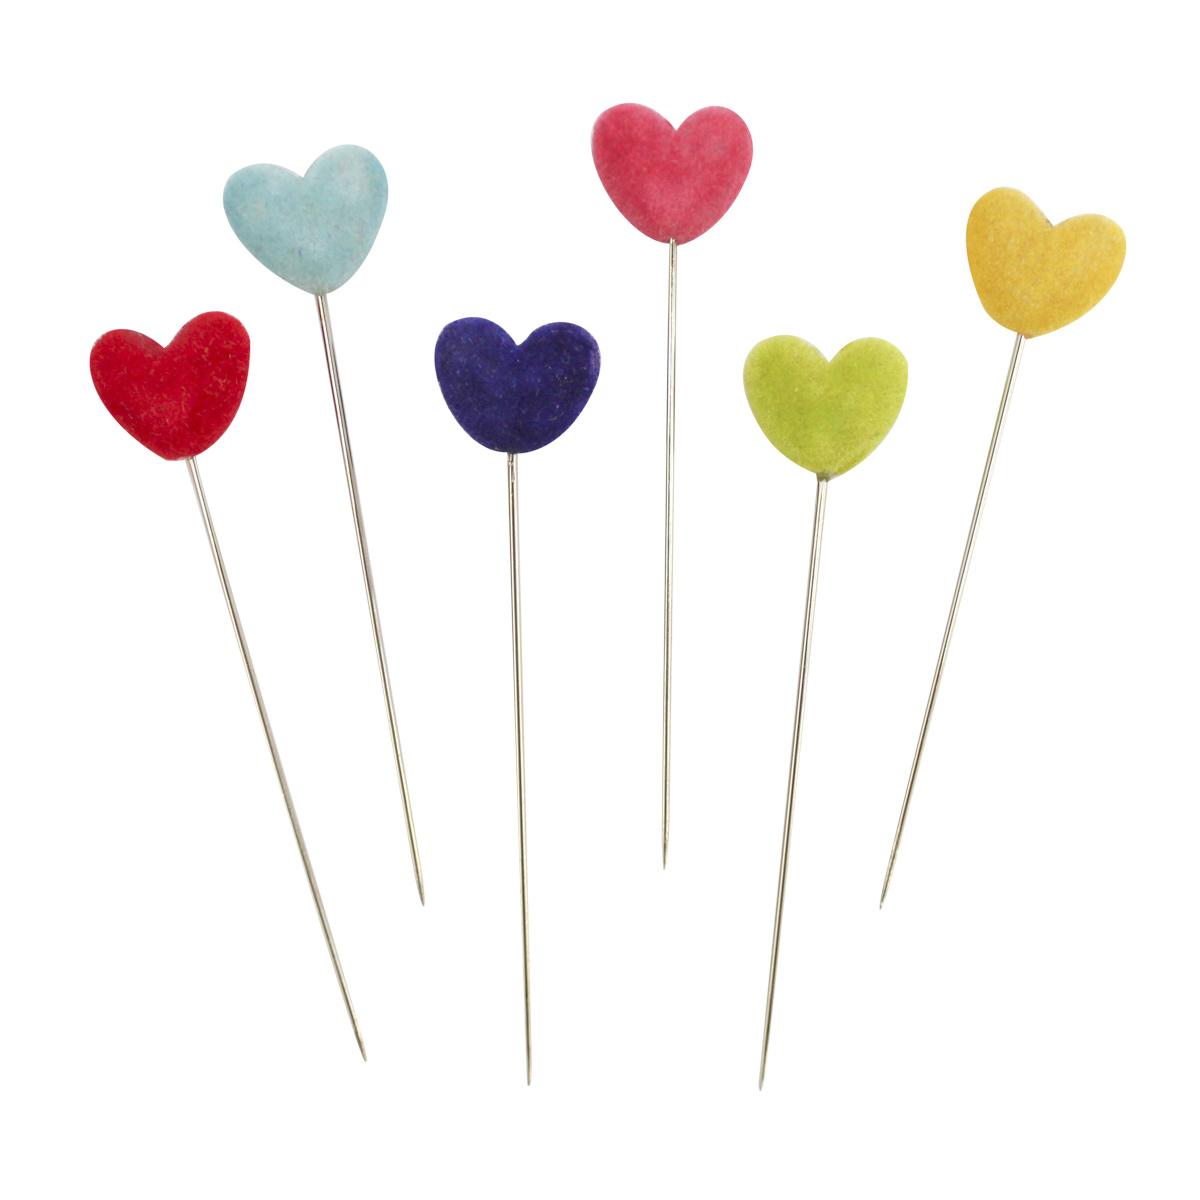 H17-L1378 Булавки декоративные с цветными сердечками, упак./6 шт., 'Астра'